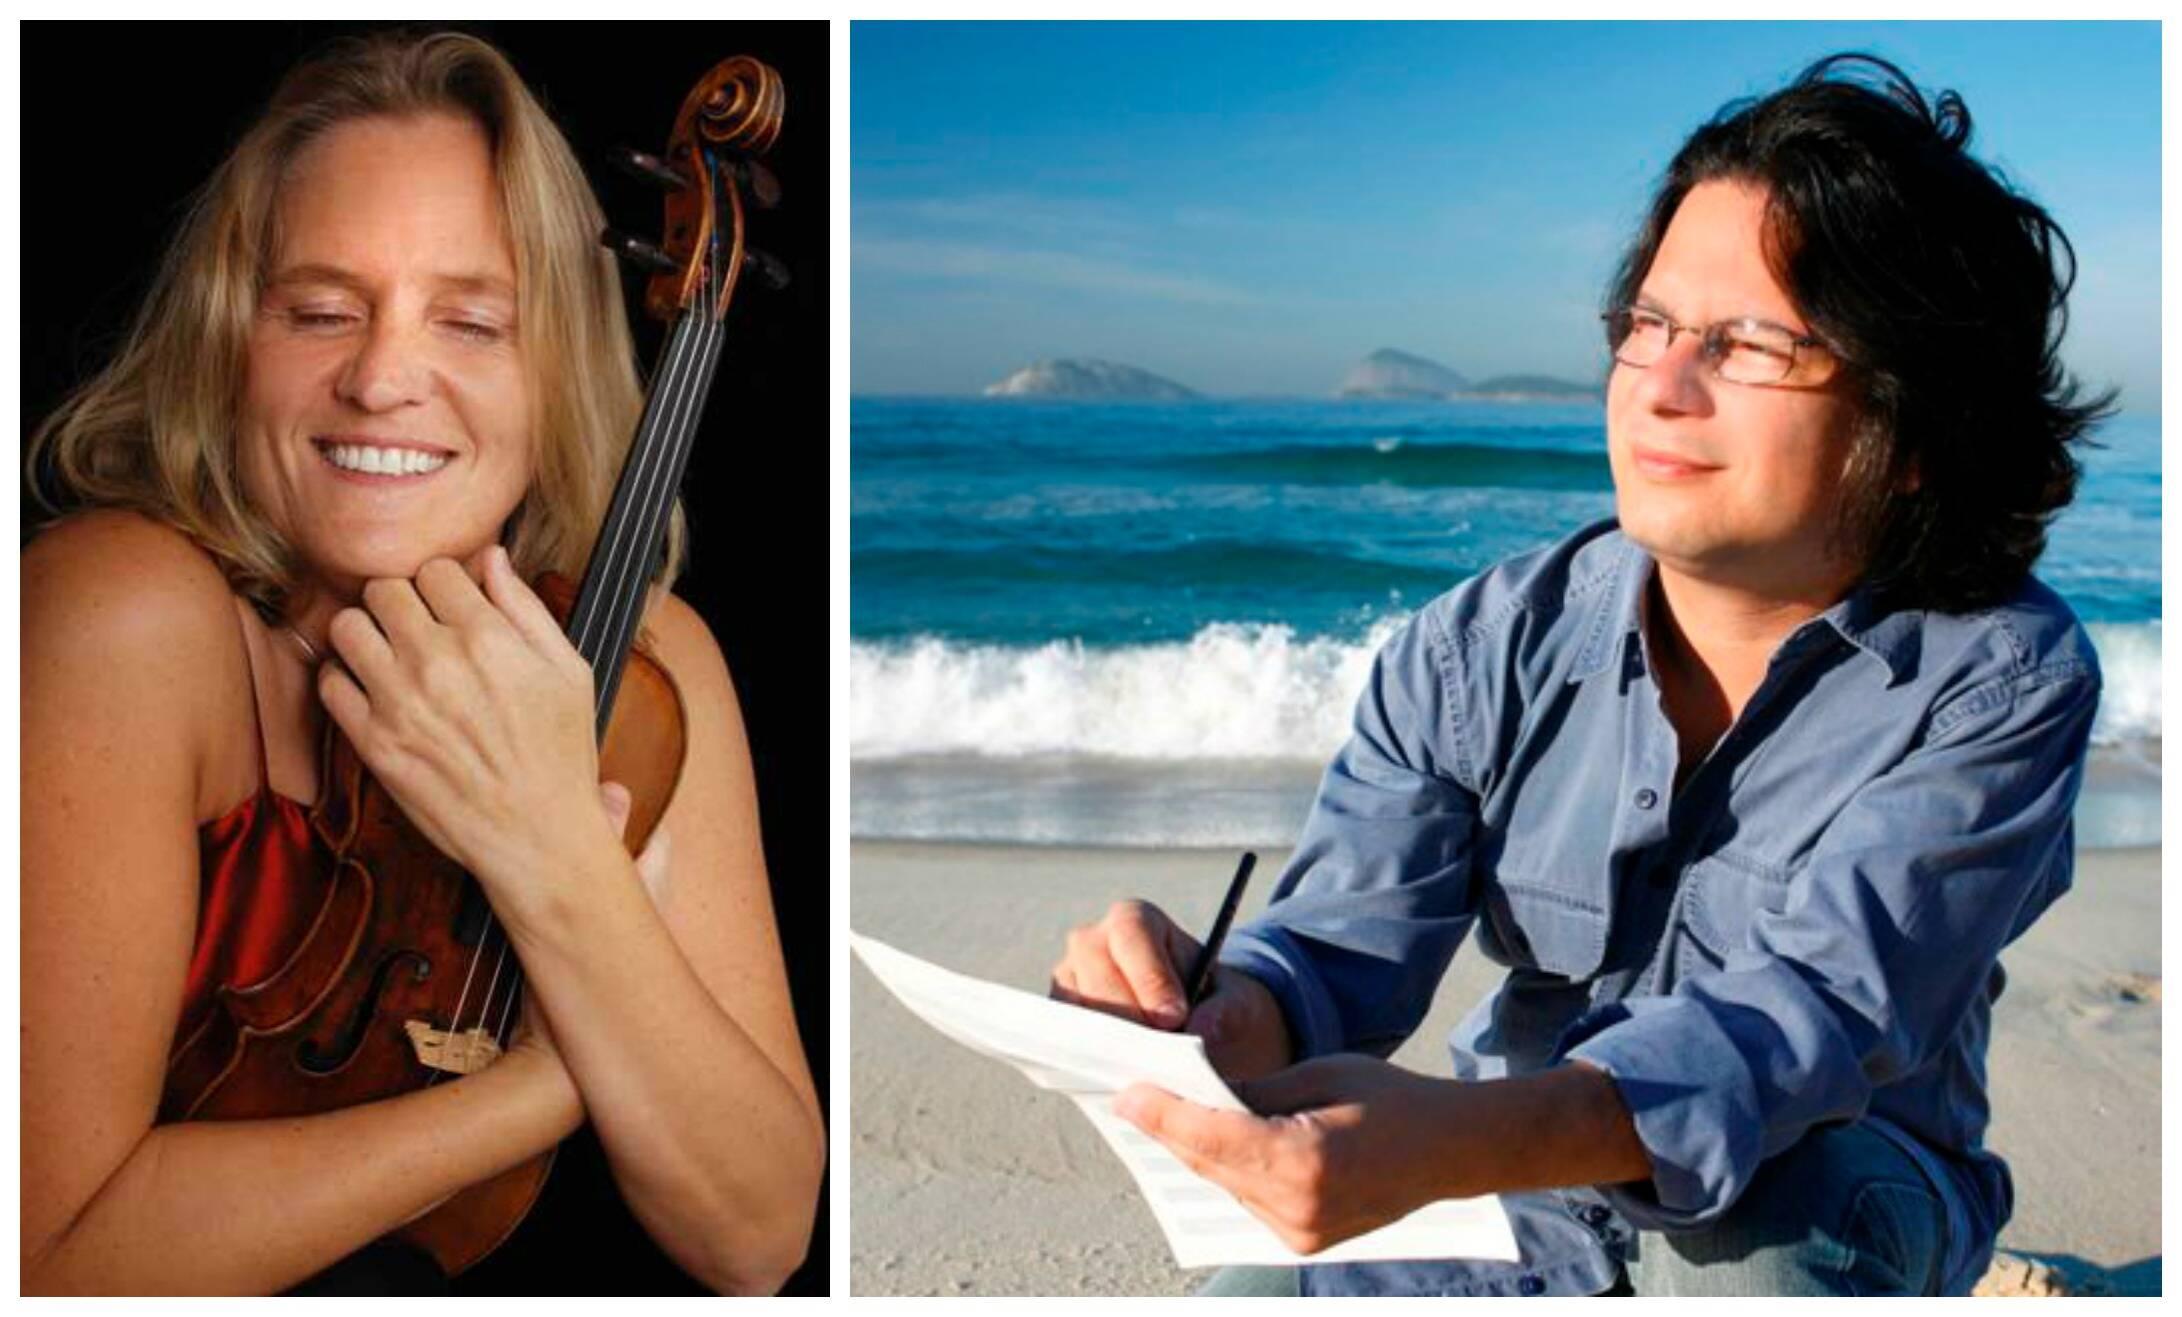 A violinista islandesa Eva Ingolf é uma das atrações do festival criado por Sergio Roberto de Oliveira, à esquerda / Fotos: divulgação